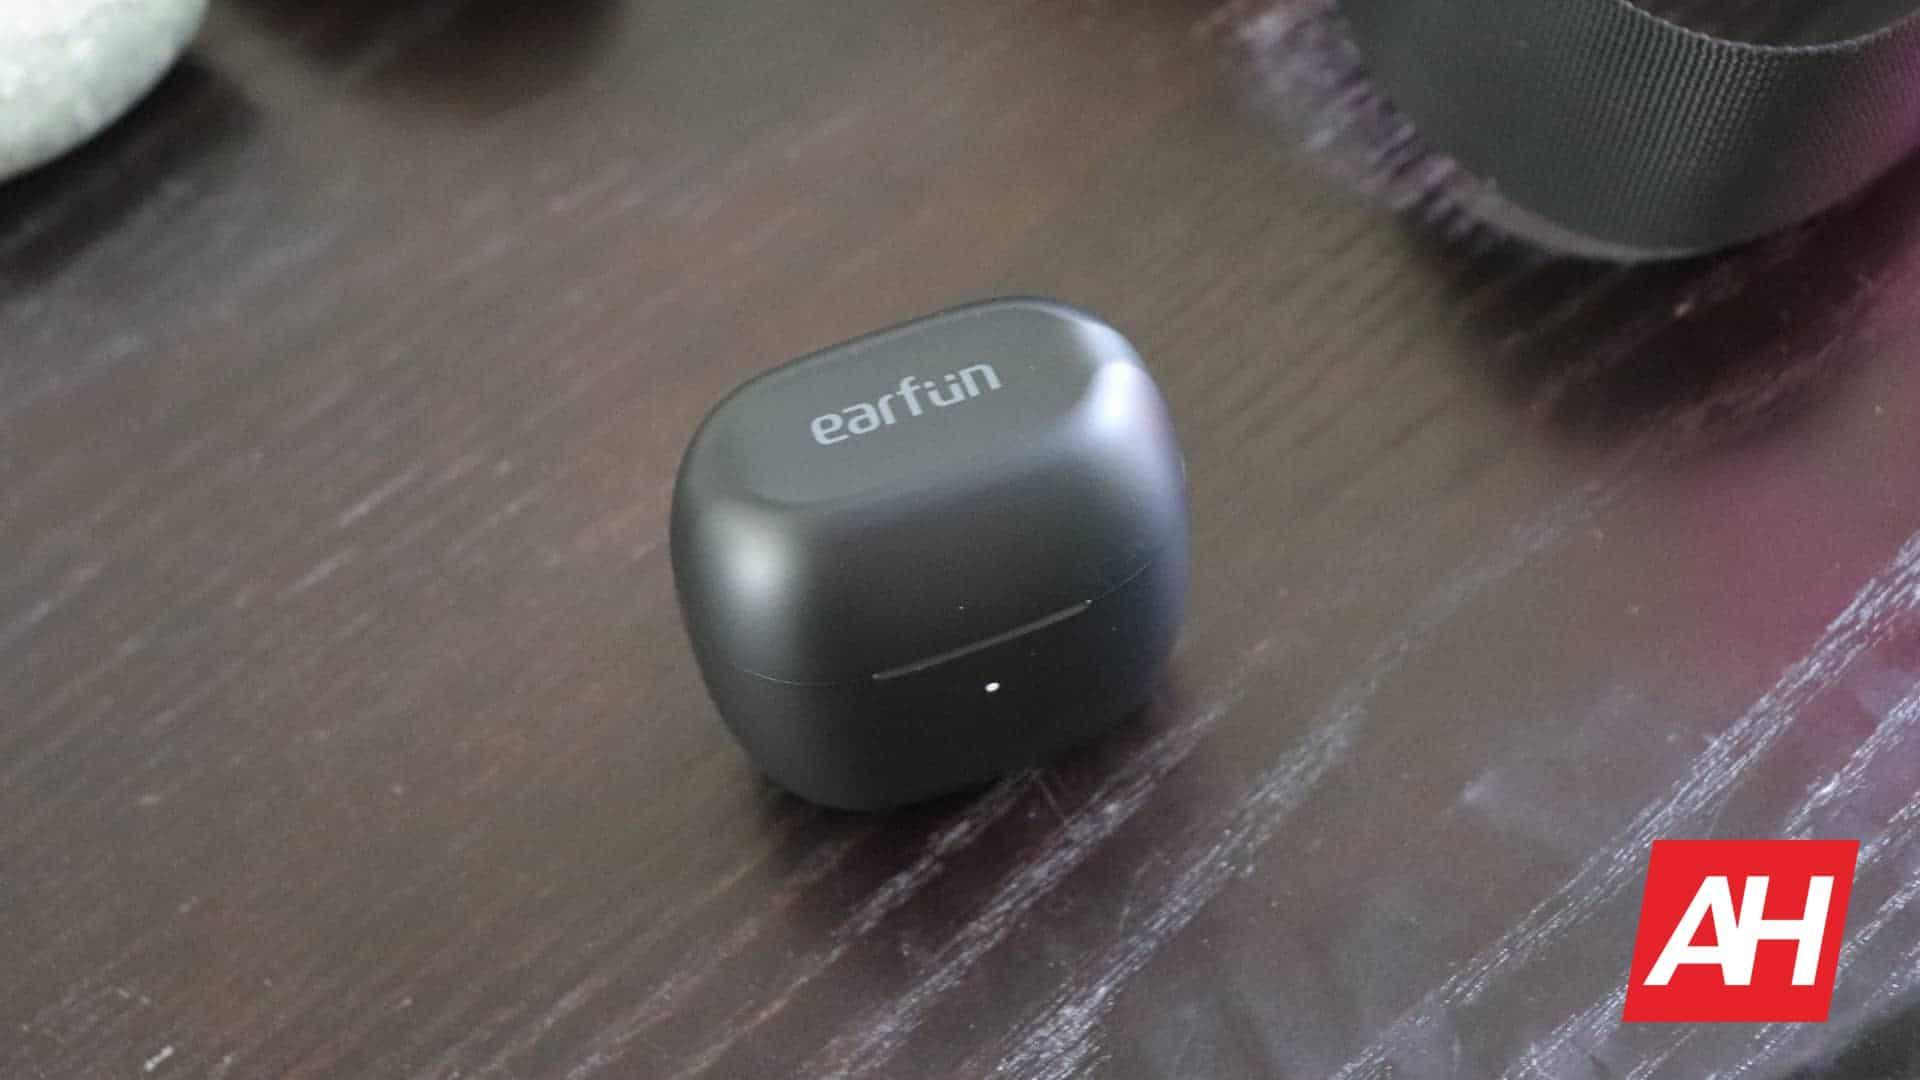 01 EarFun Air Hardware Review AH 2020